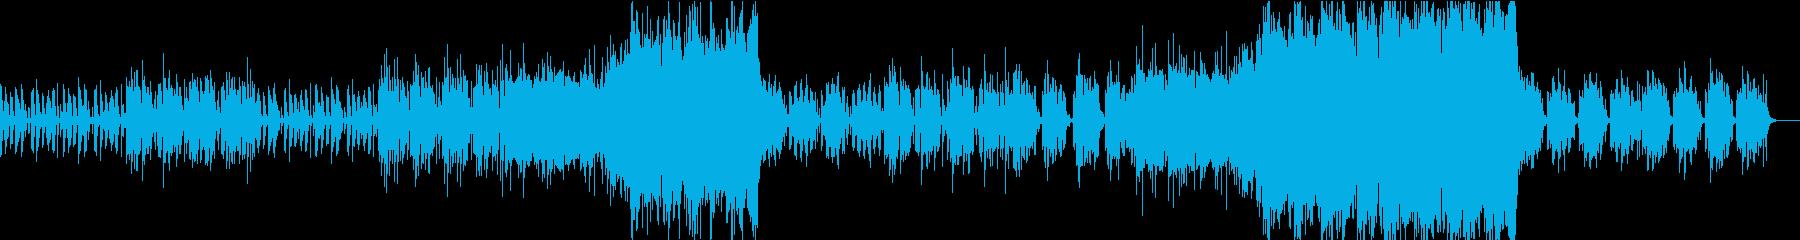 3拍子 DigitalEthnoの再生済みの波形